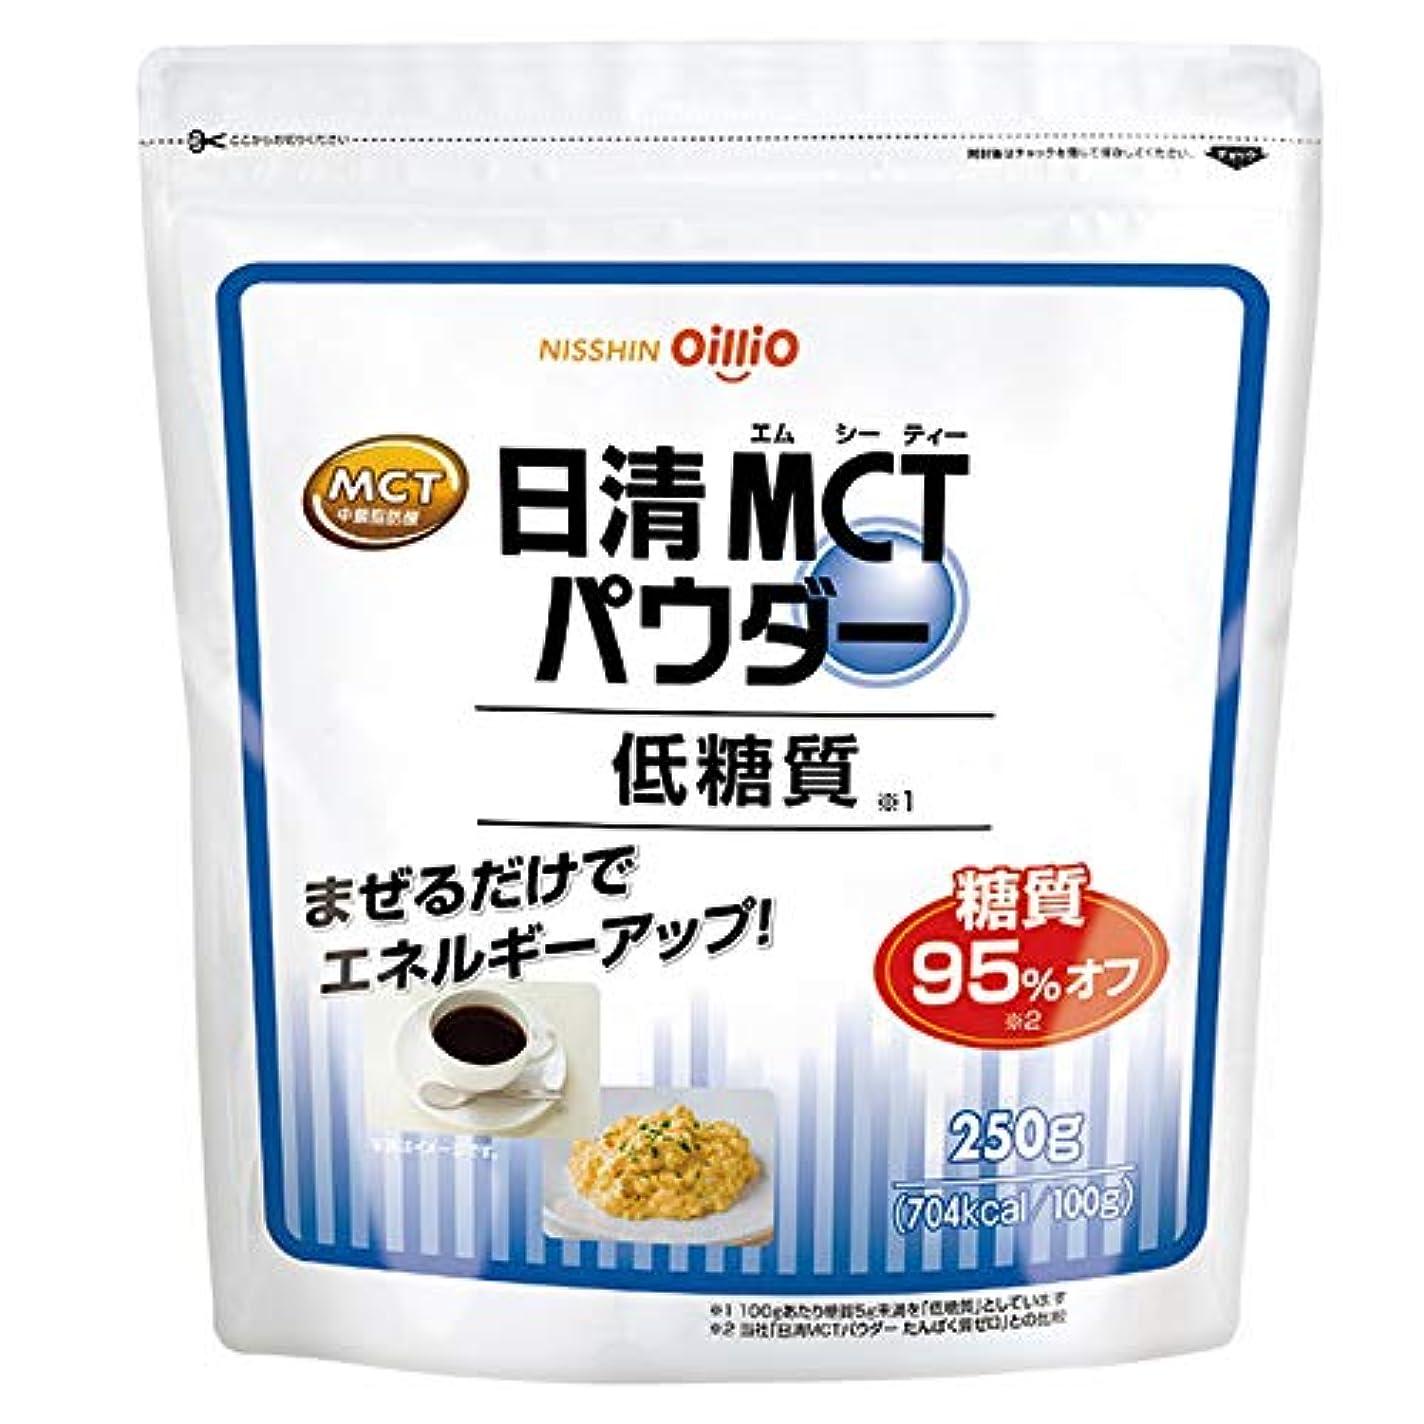 ゴシップ先手数料日清MCTパウダー 低糖質 250g